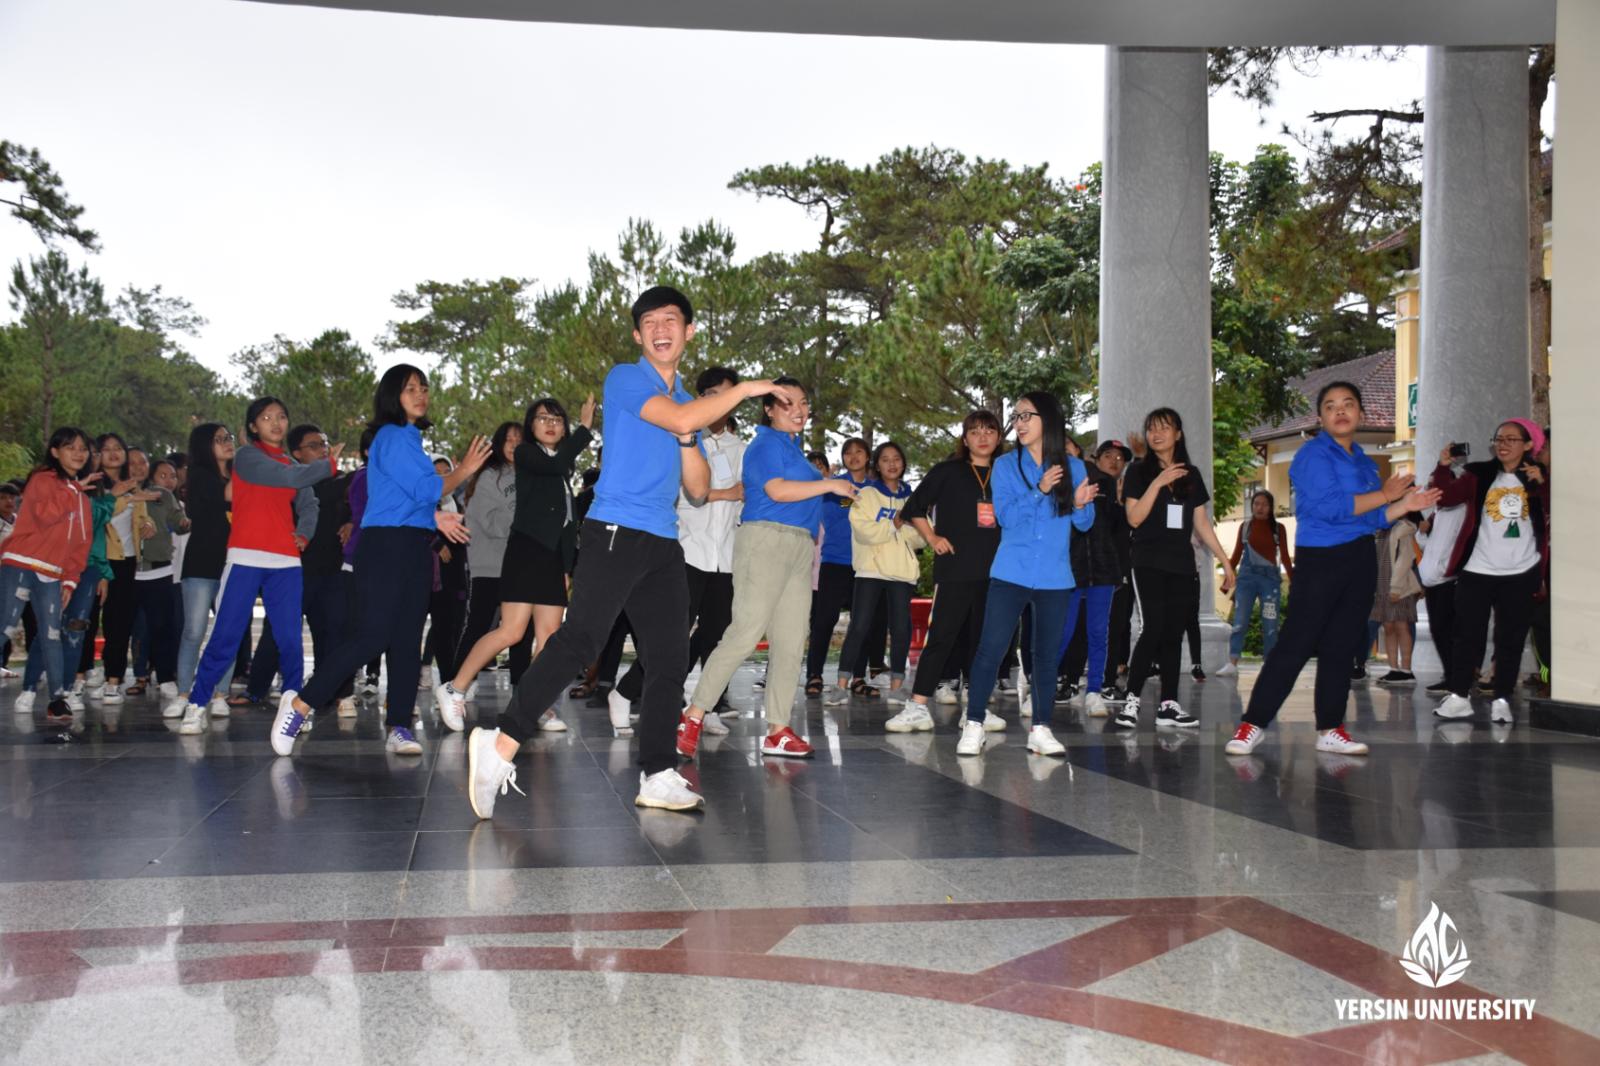 Các bạn học sinh tham Team building và nhảy dân vũ cùng các anh chị sinh viên